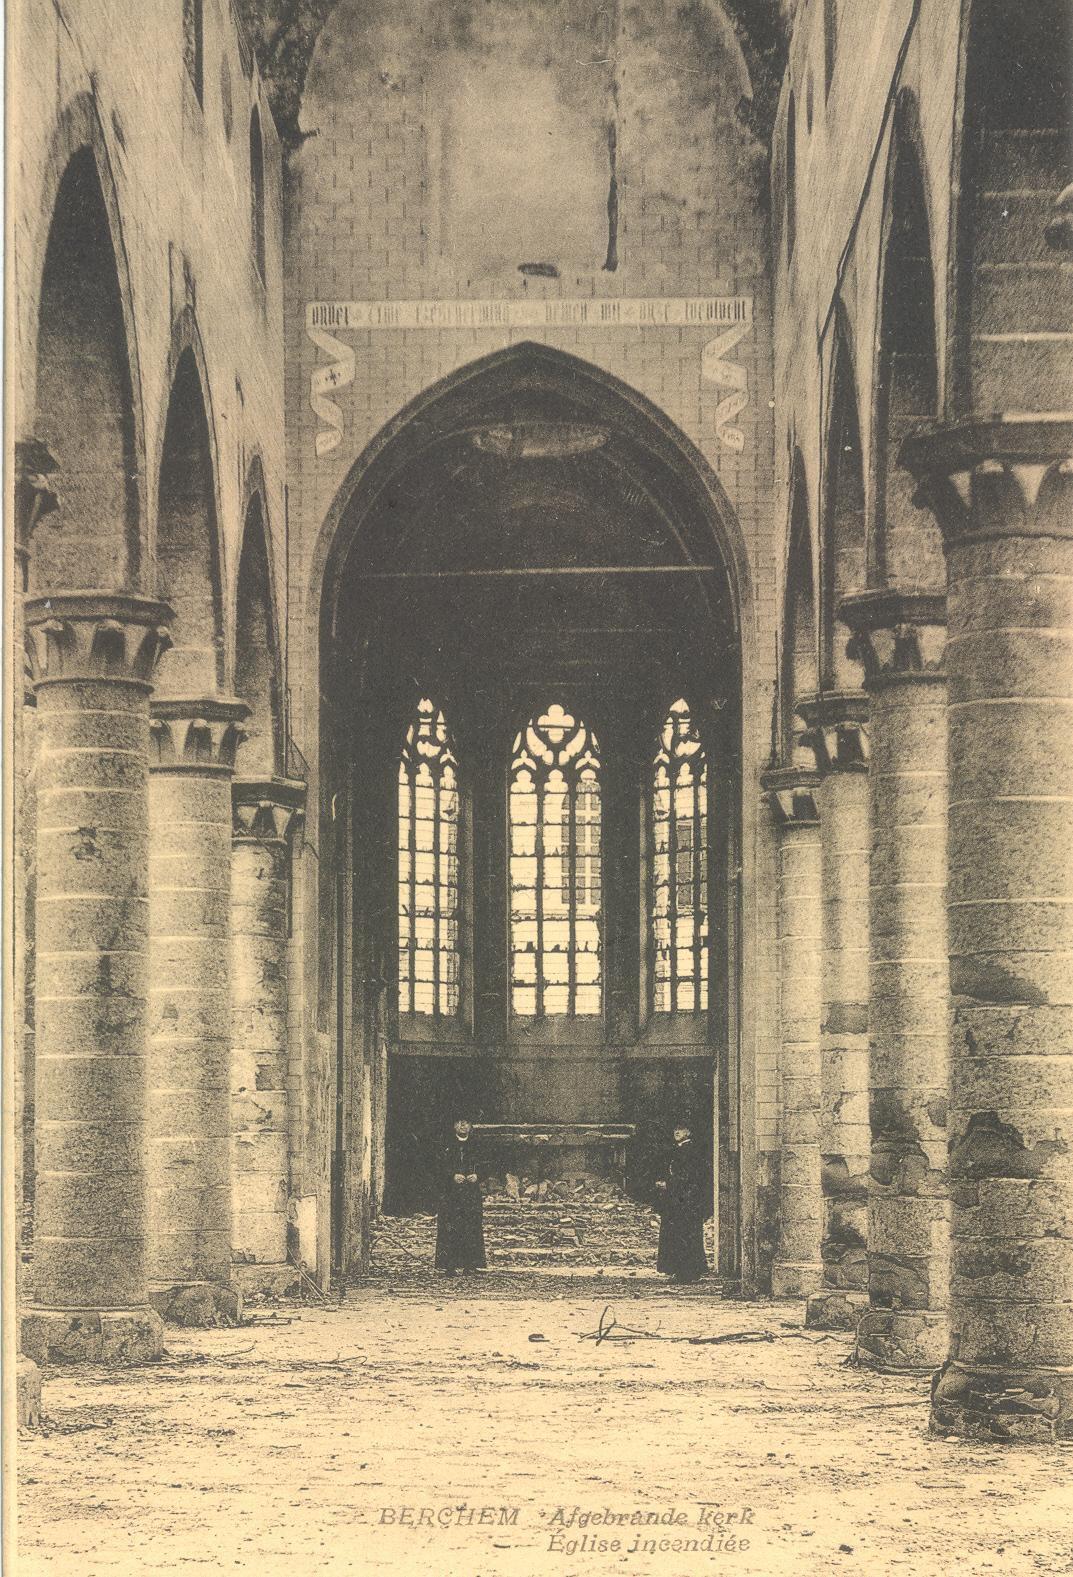 EK 108 Berchem uitgebrande kerk.JPG